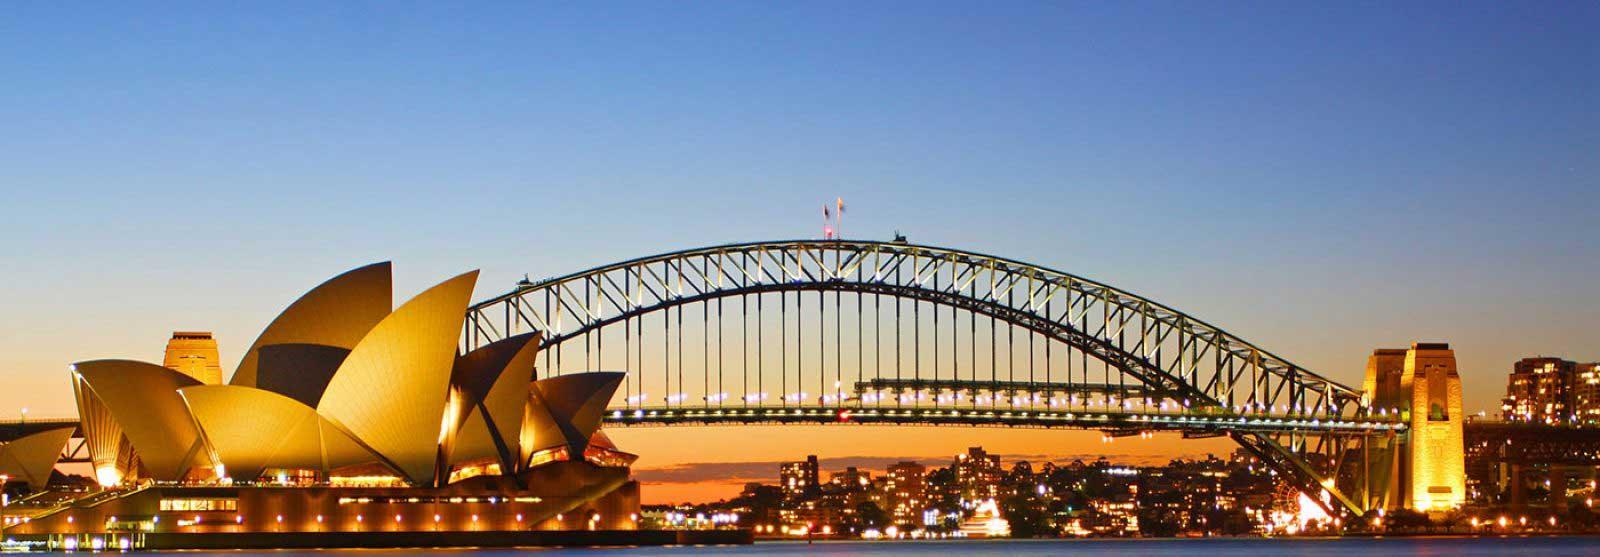 Sydney Opera House Landscape